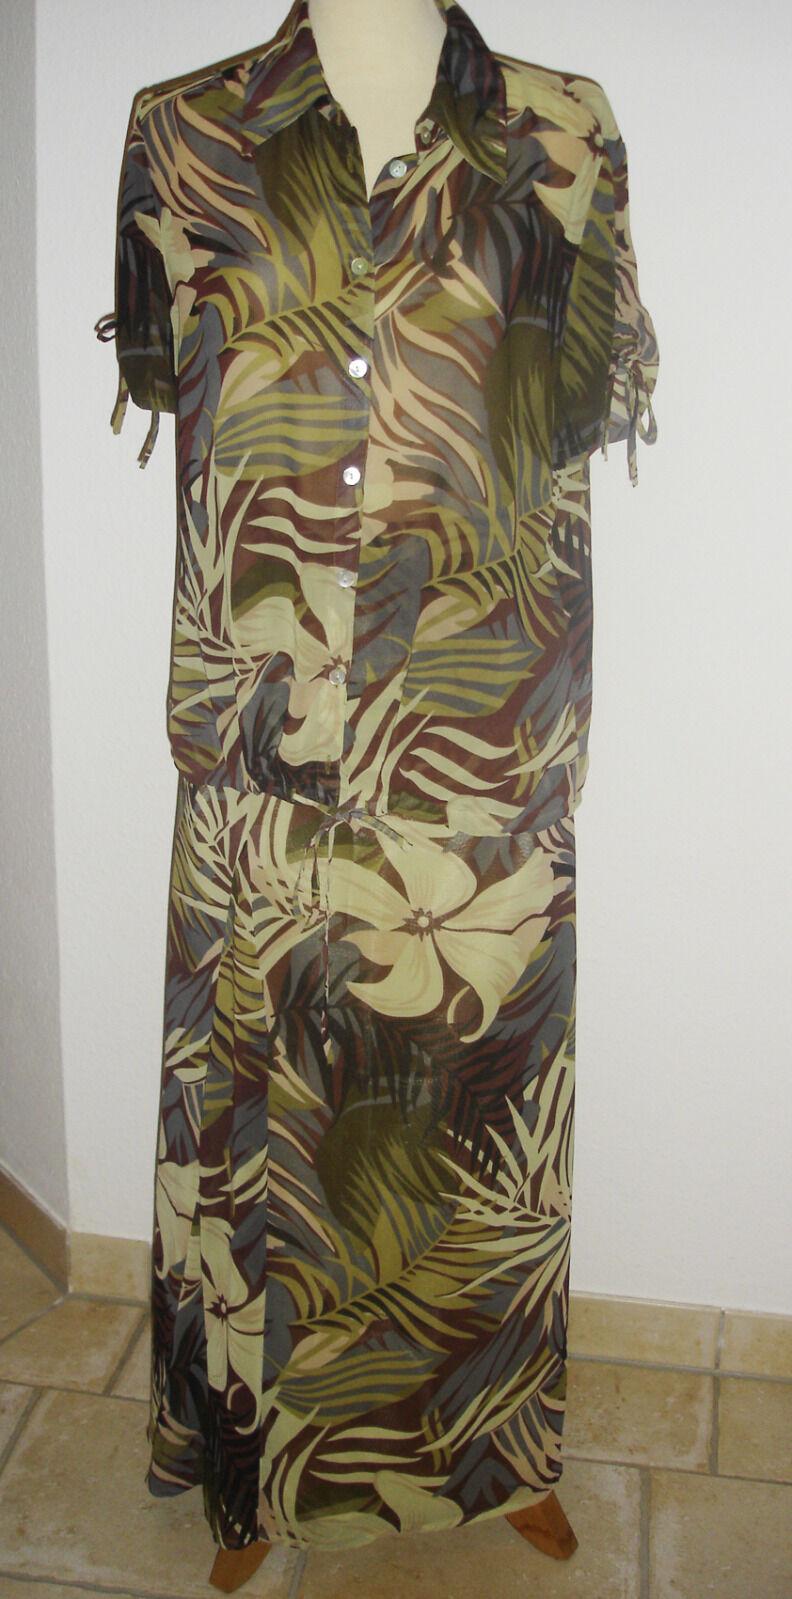 Luftige Bluse und Rock im Dschungel - Look von L Création Gr. 40 Safari TOP!